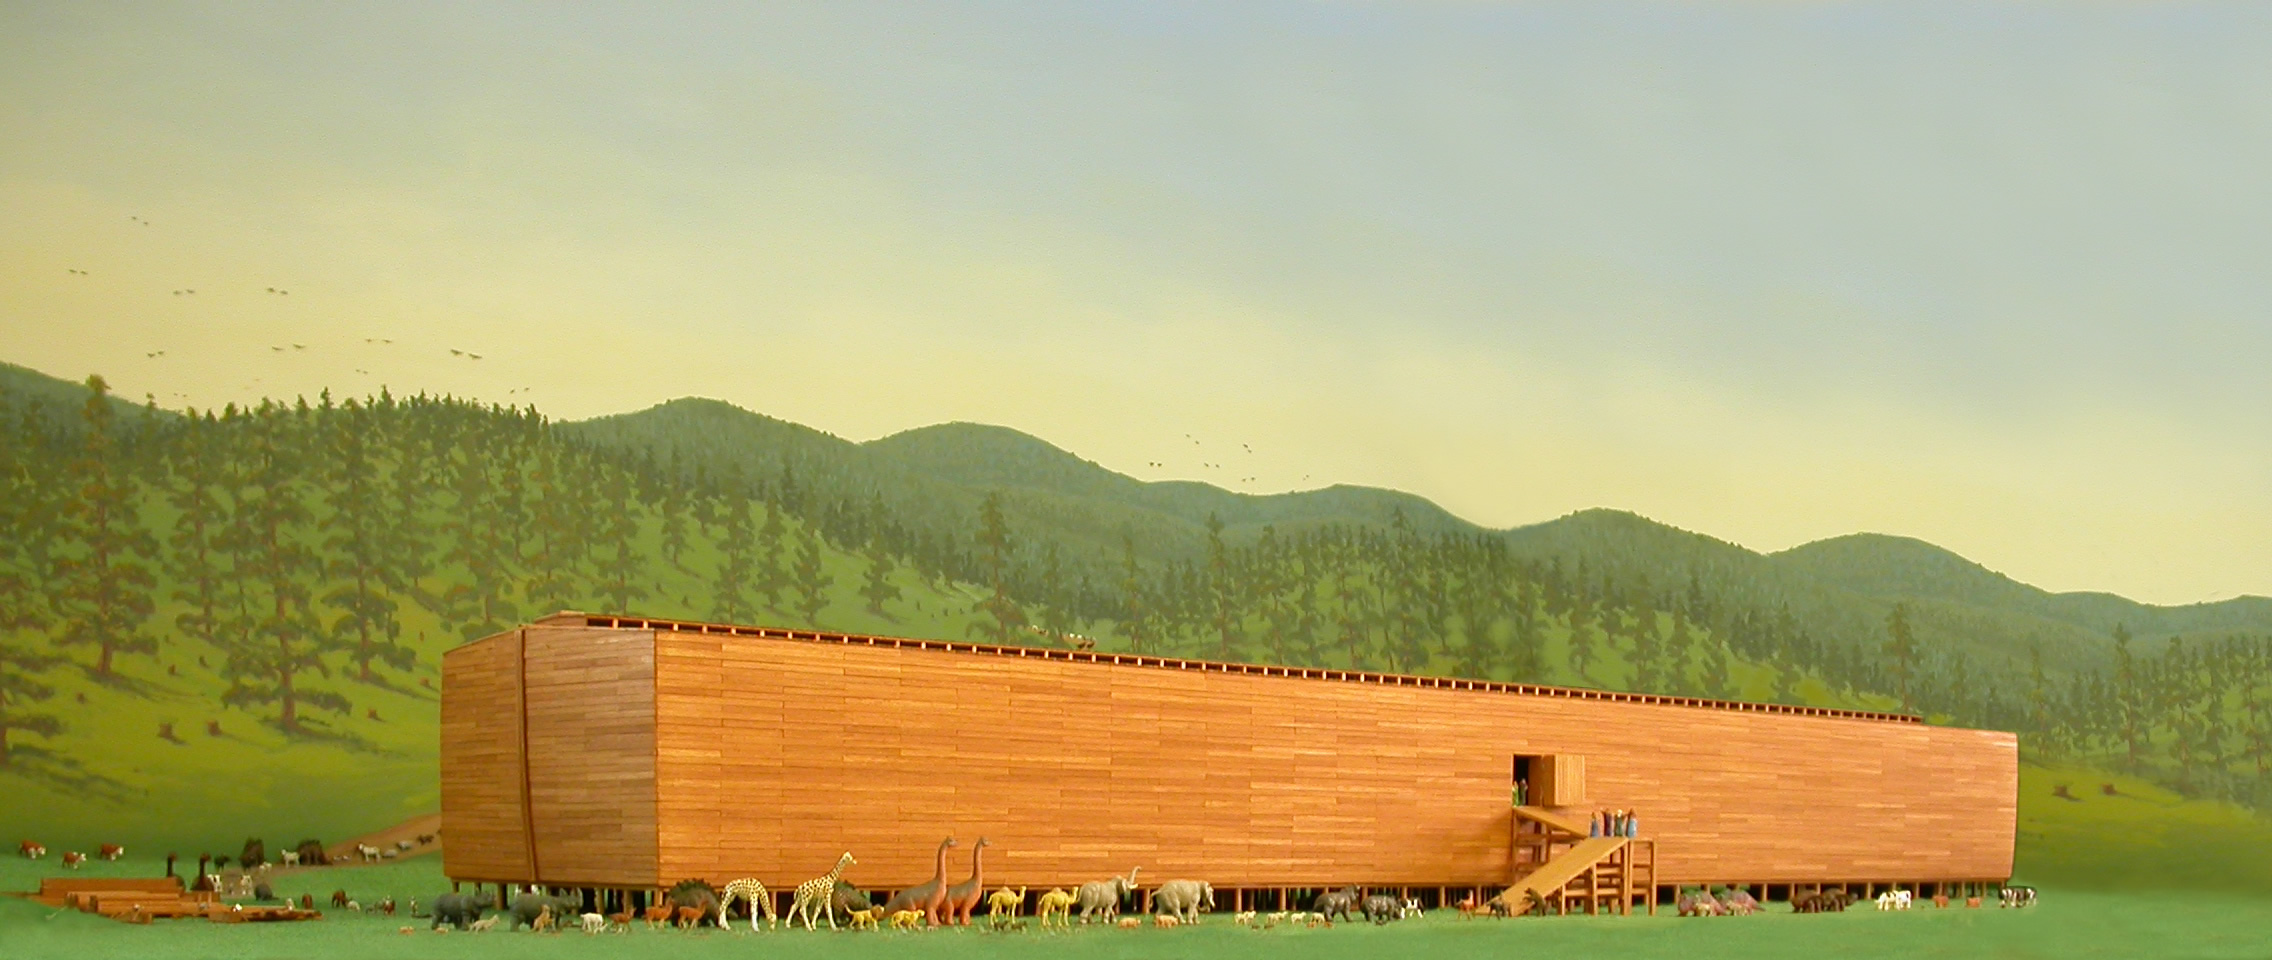 Noah s Ark - Noah s Ark